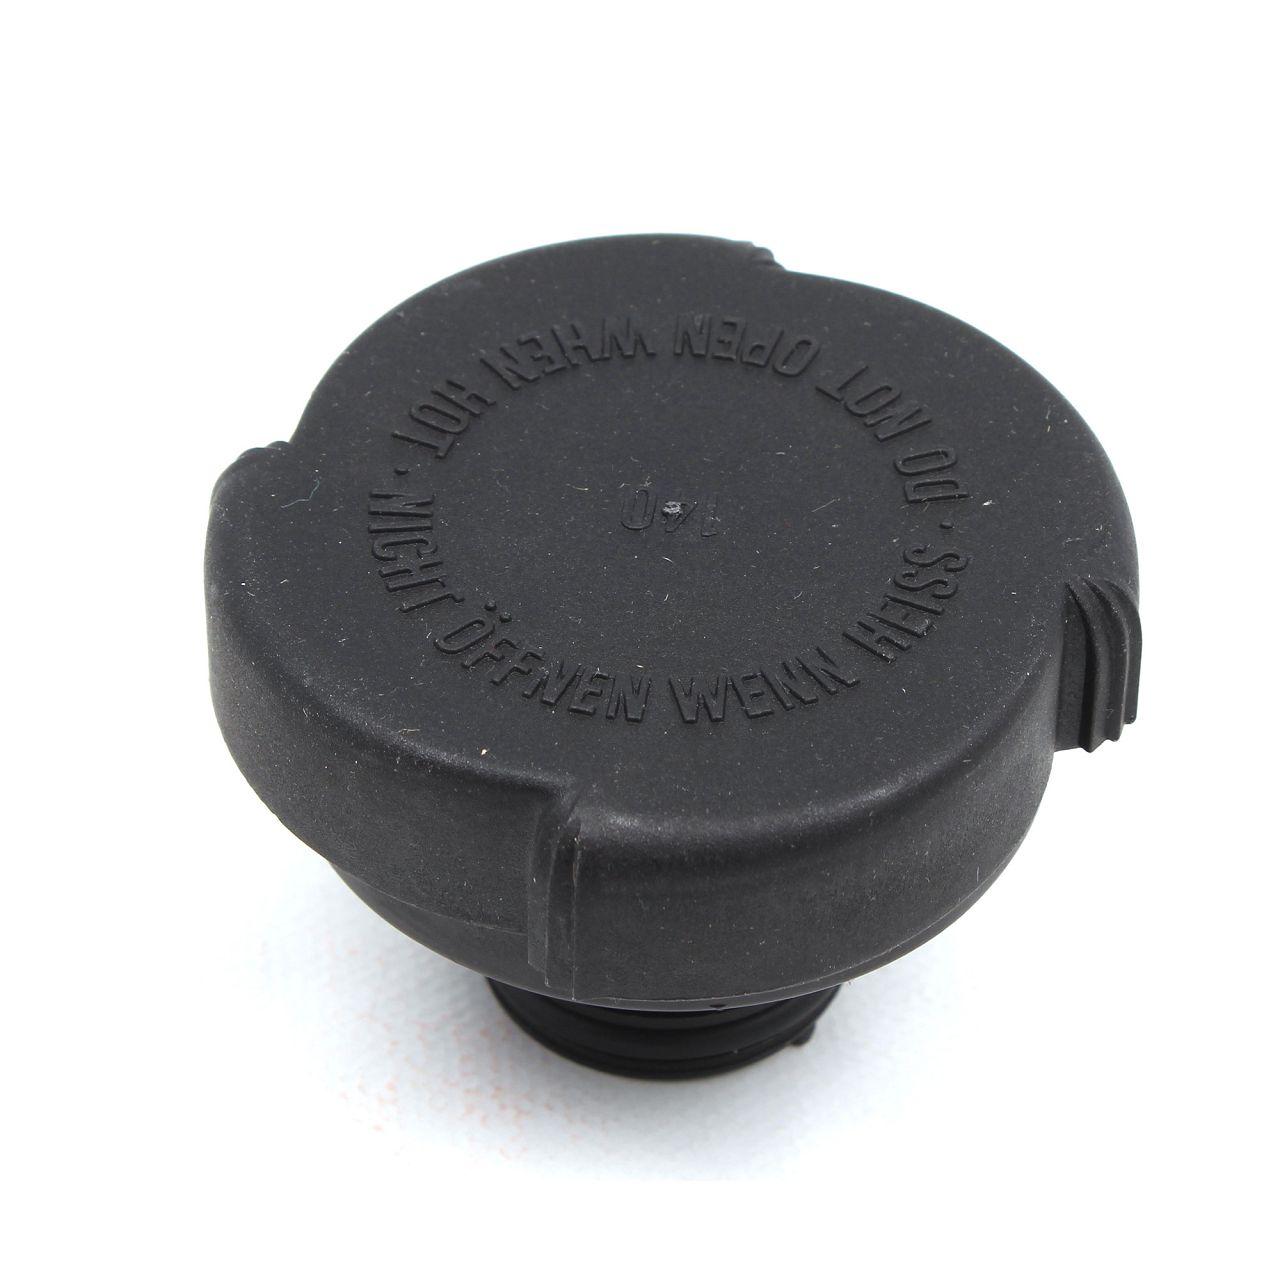 Kühlerdeckel Verschlussdeckel Kühlerverschluss 1,4bar für BMW 17137639023